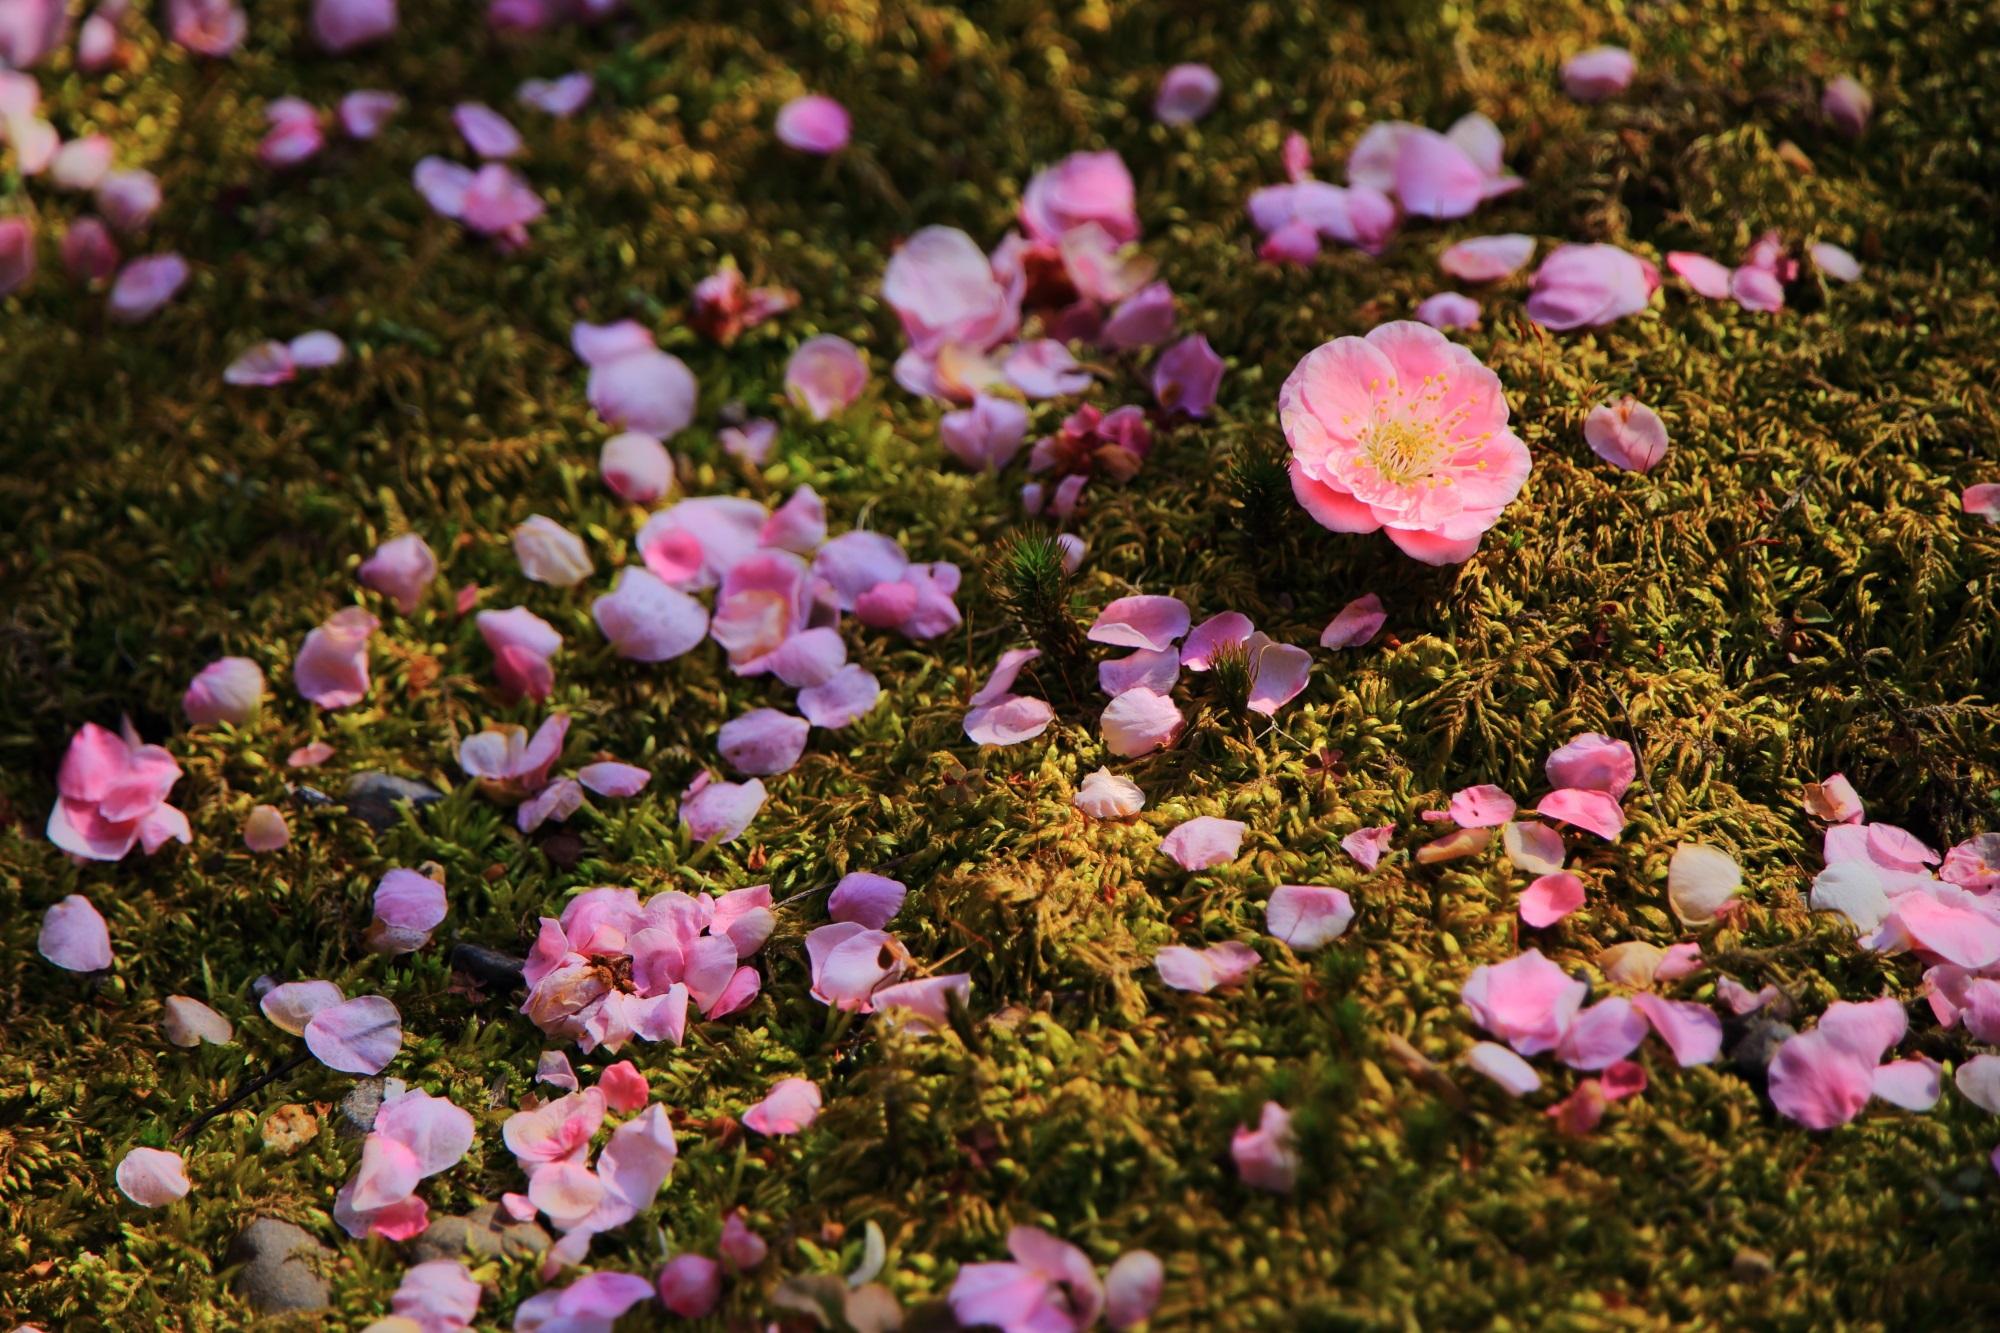 花のままポトンと落ちているしだれ梅と散った花びら